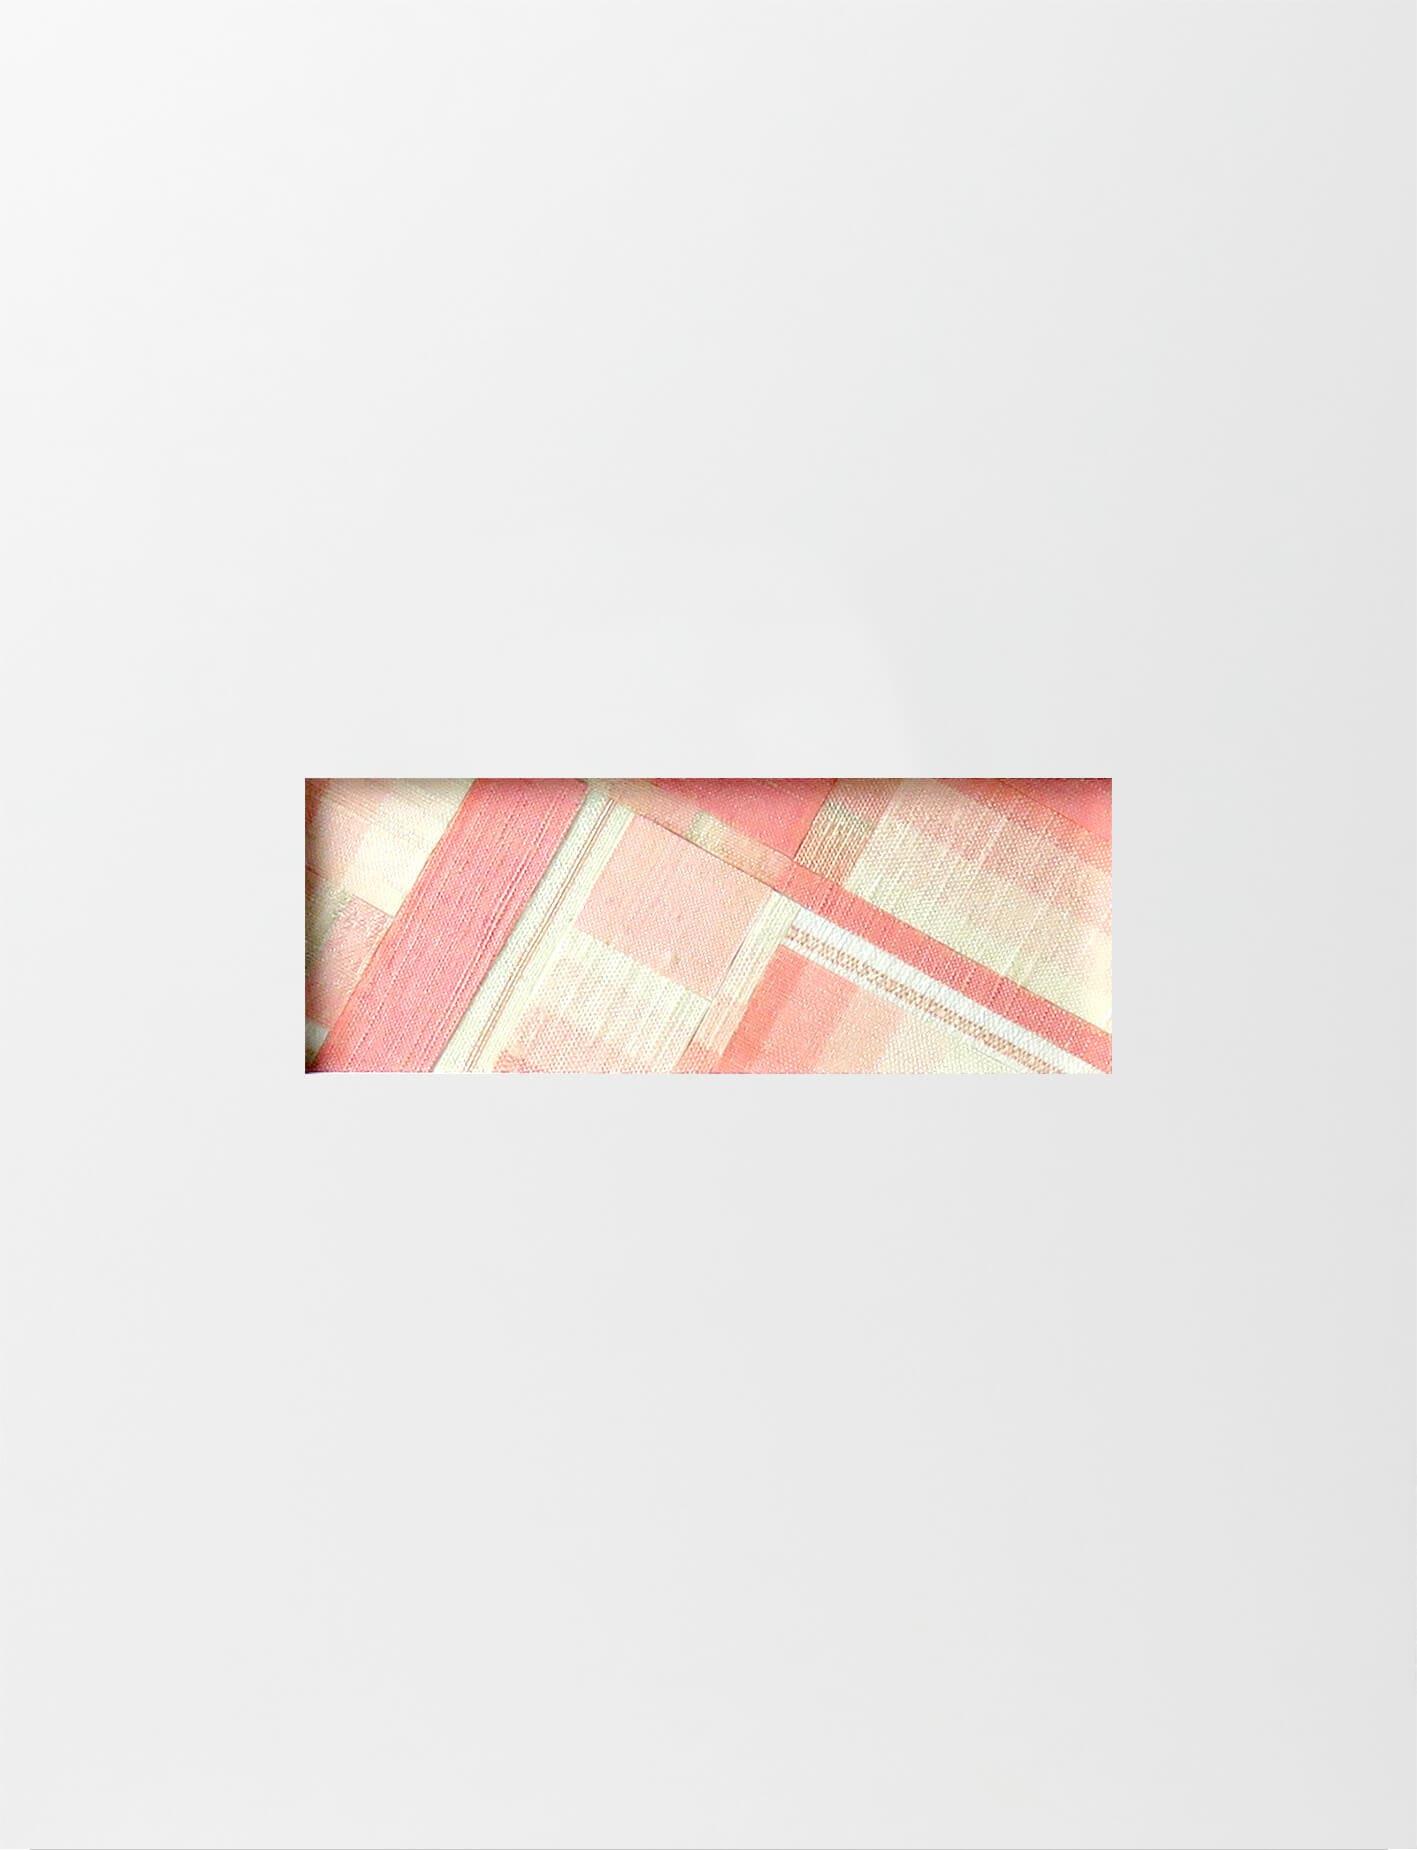 アトリエシムラ「小裂の額装 ♯2-0058」の画像